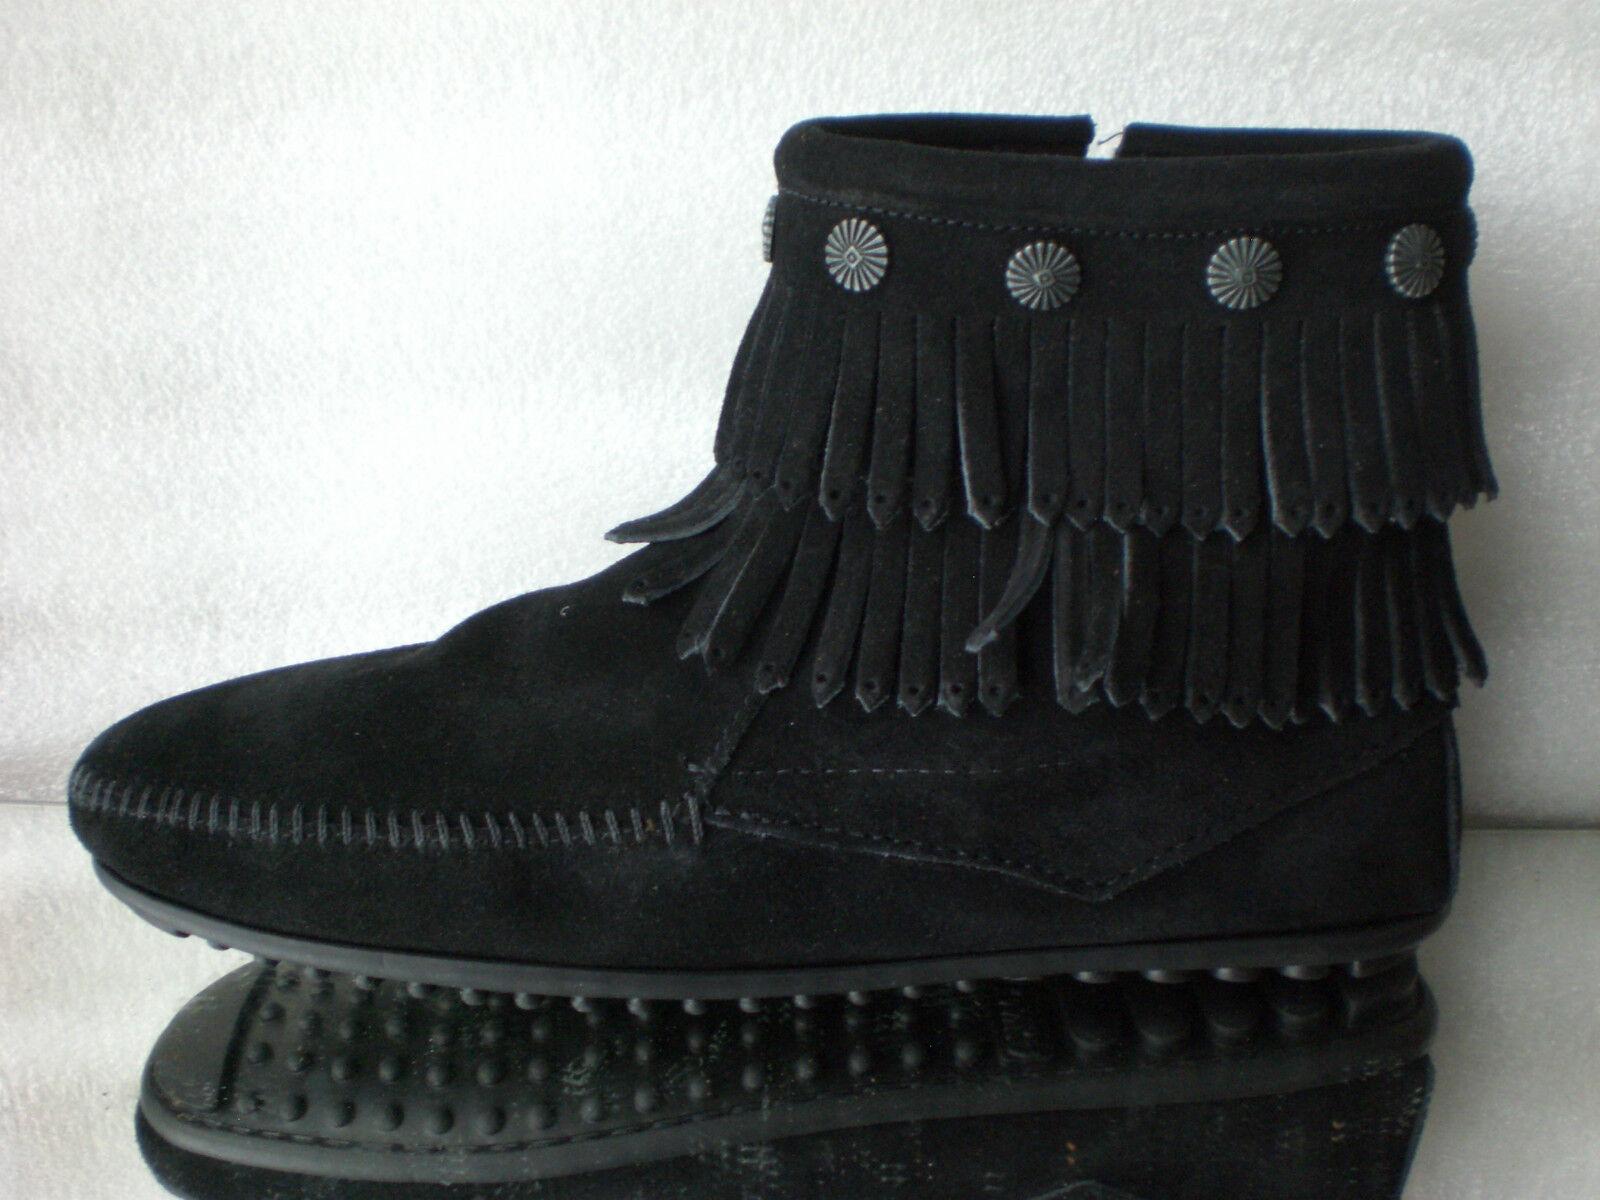 Minnetonka Moccasins aventón tan señora botas FORRADA BORREGO de gamuza oroen tan aventón nuevo e8b068